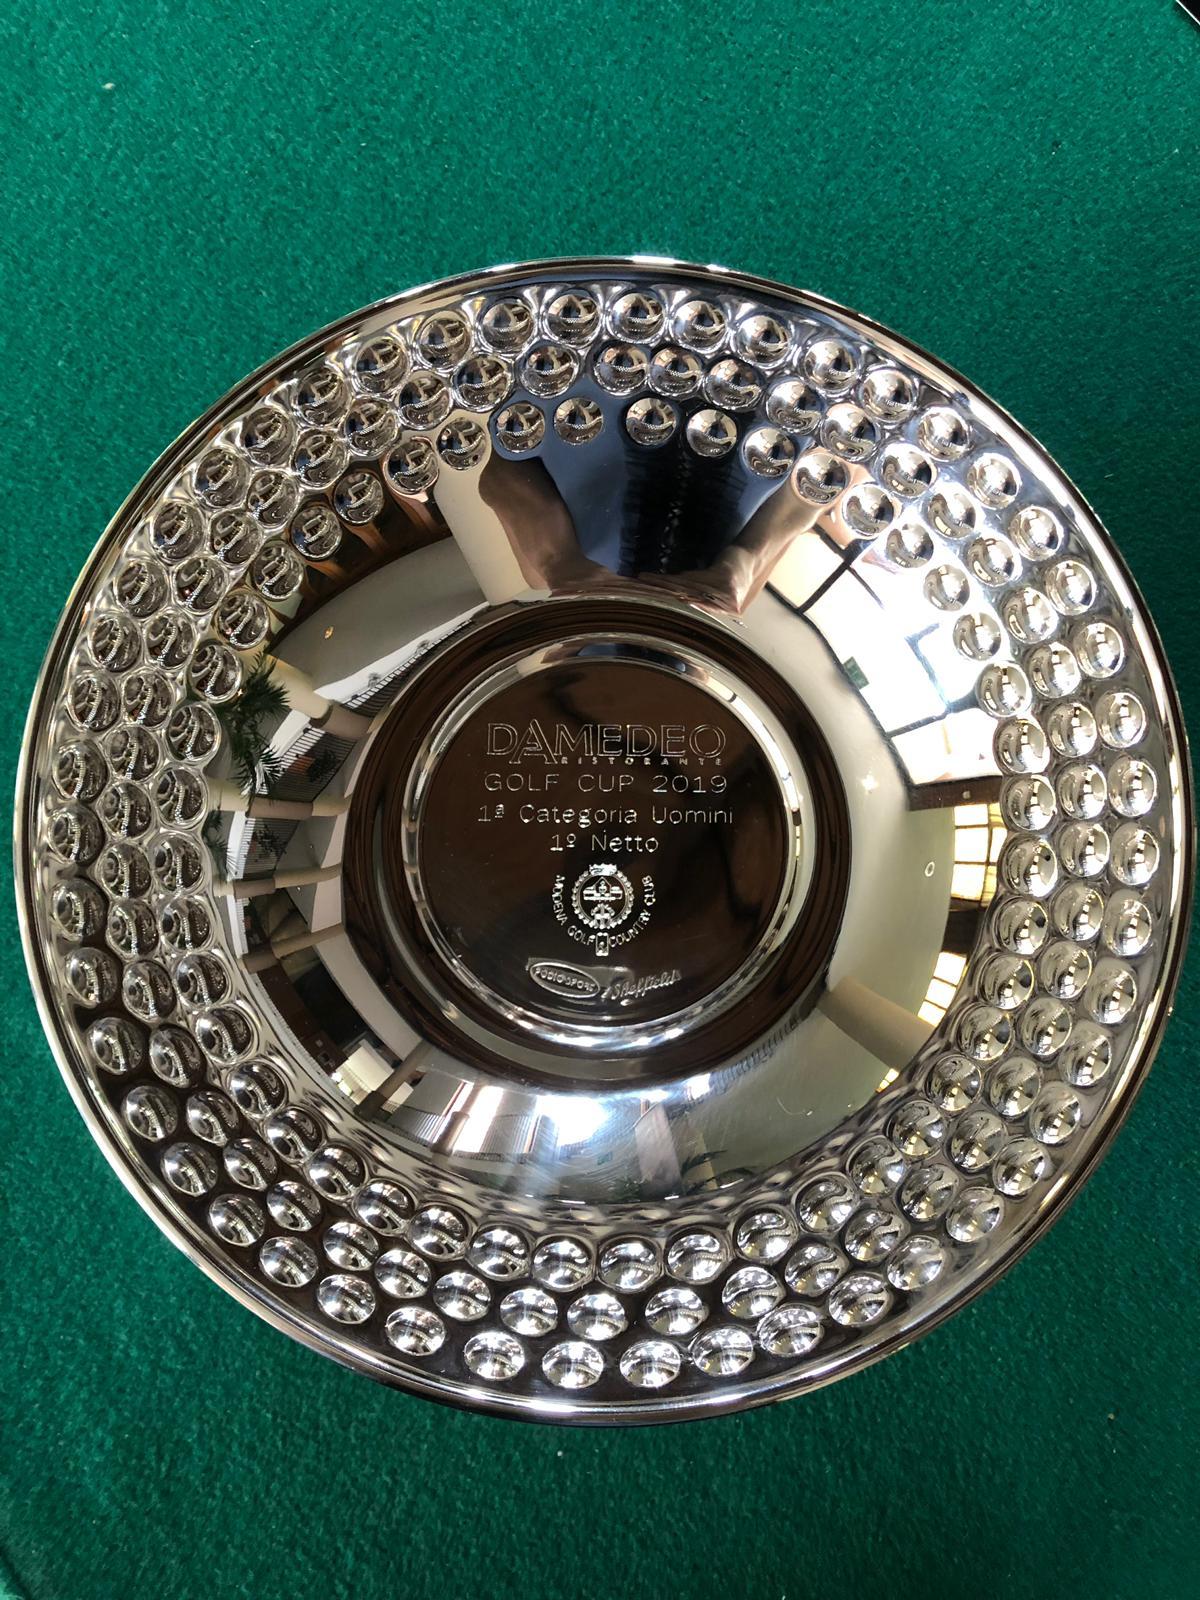 Damedeo Cup - Premi